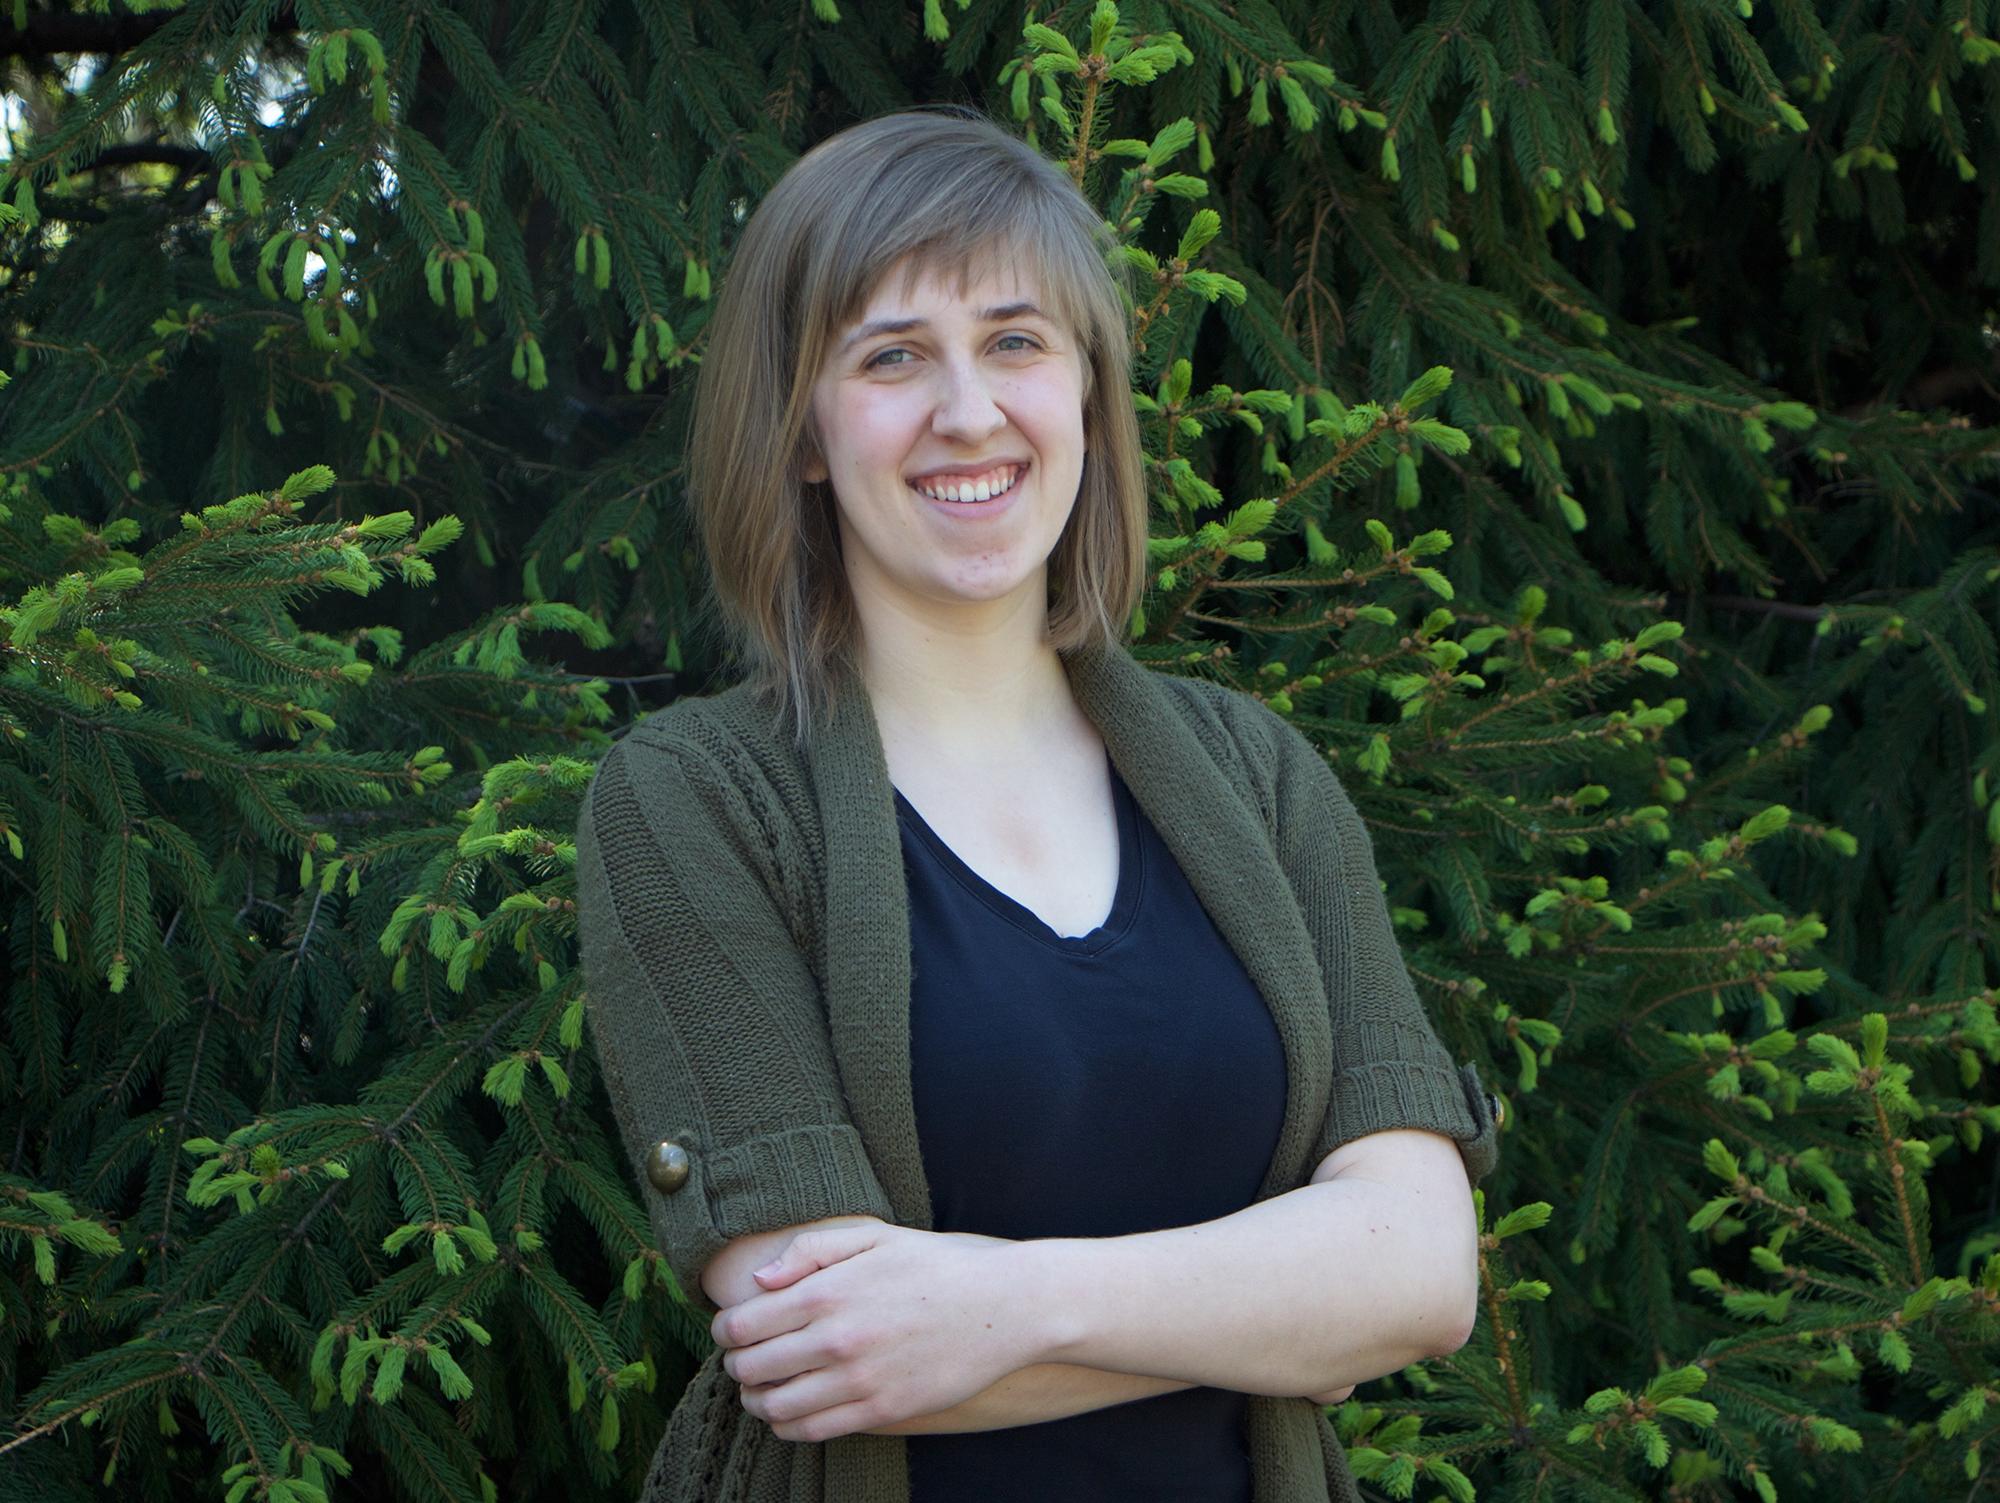 Dunwoody Architecture Student Celina Nelson